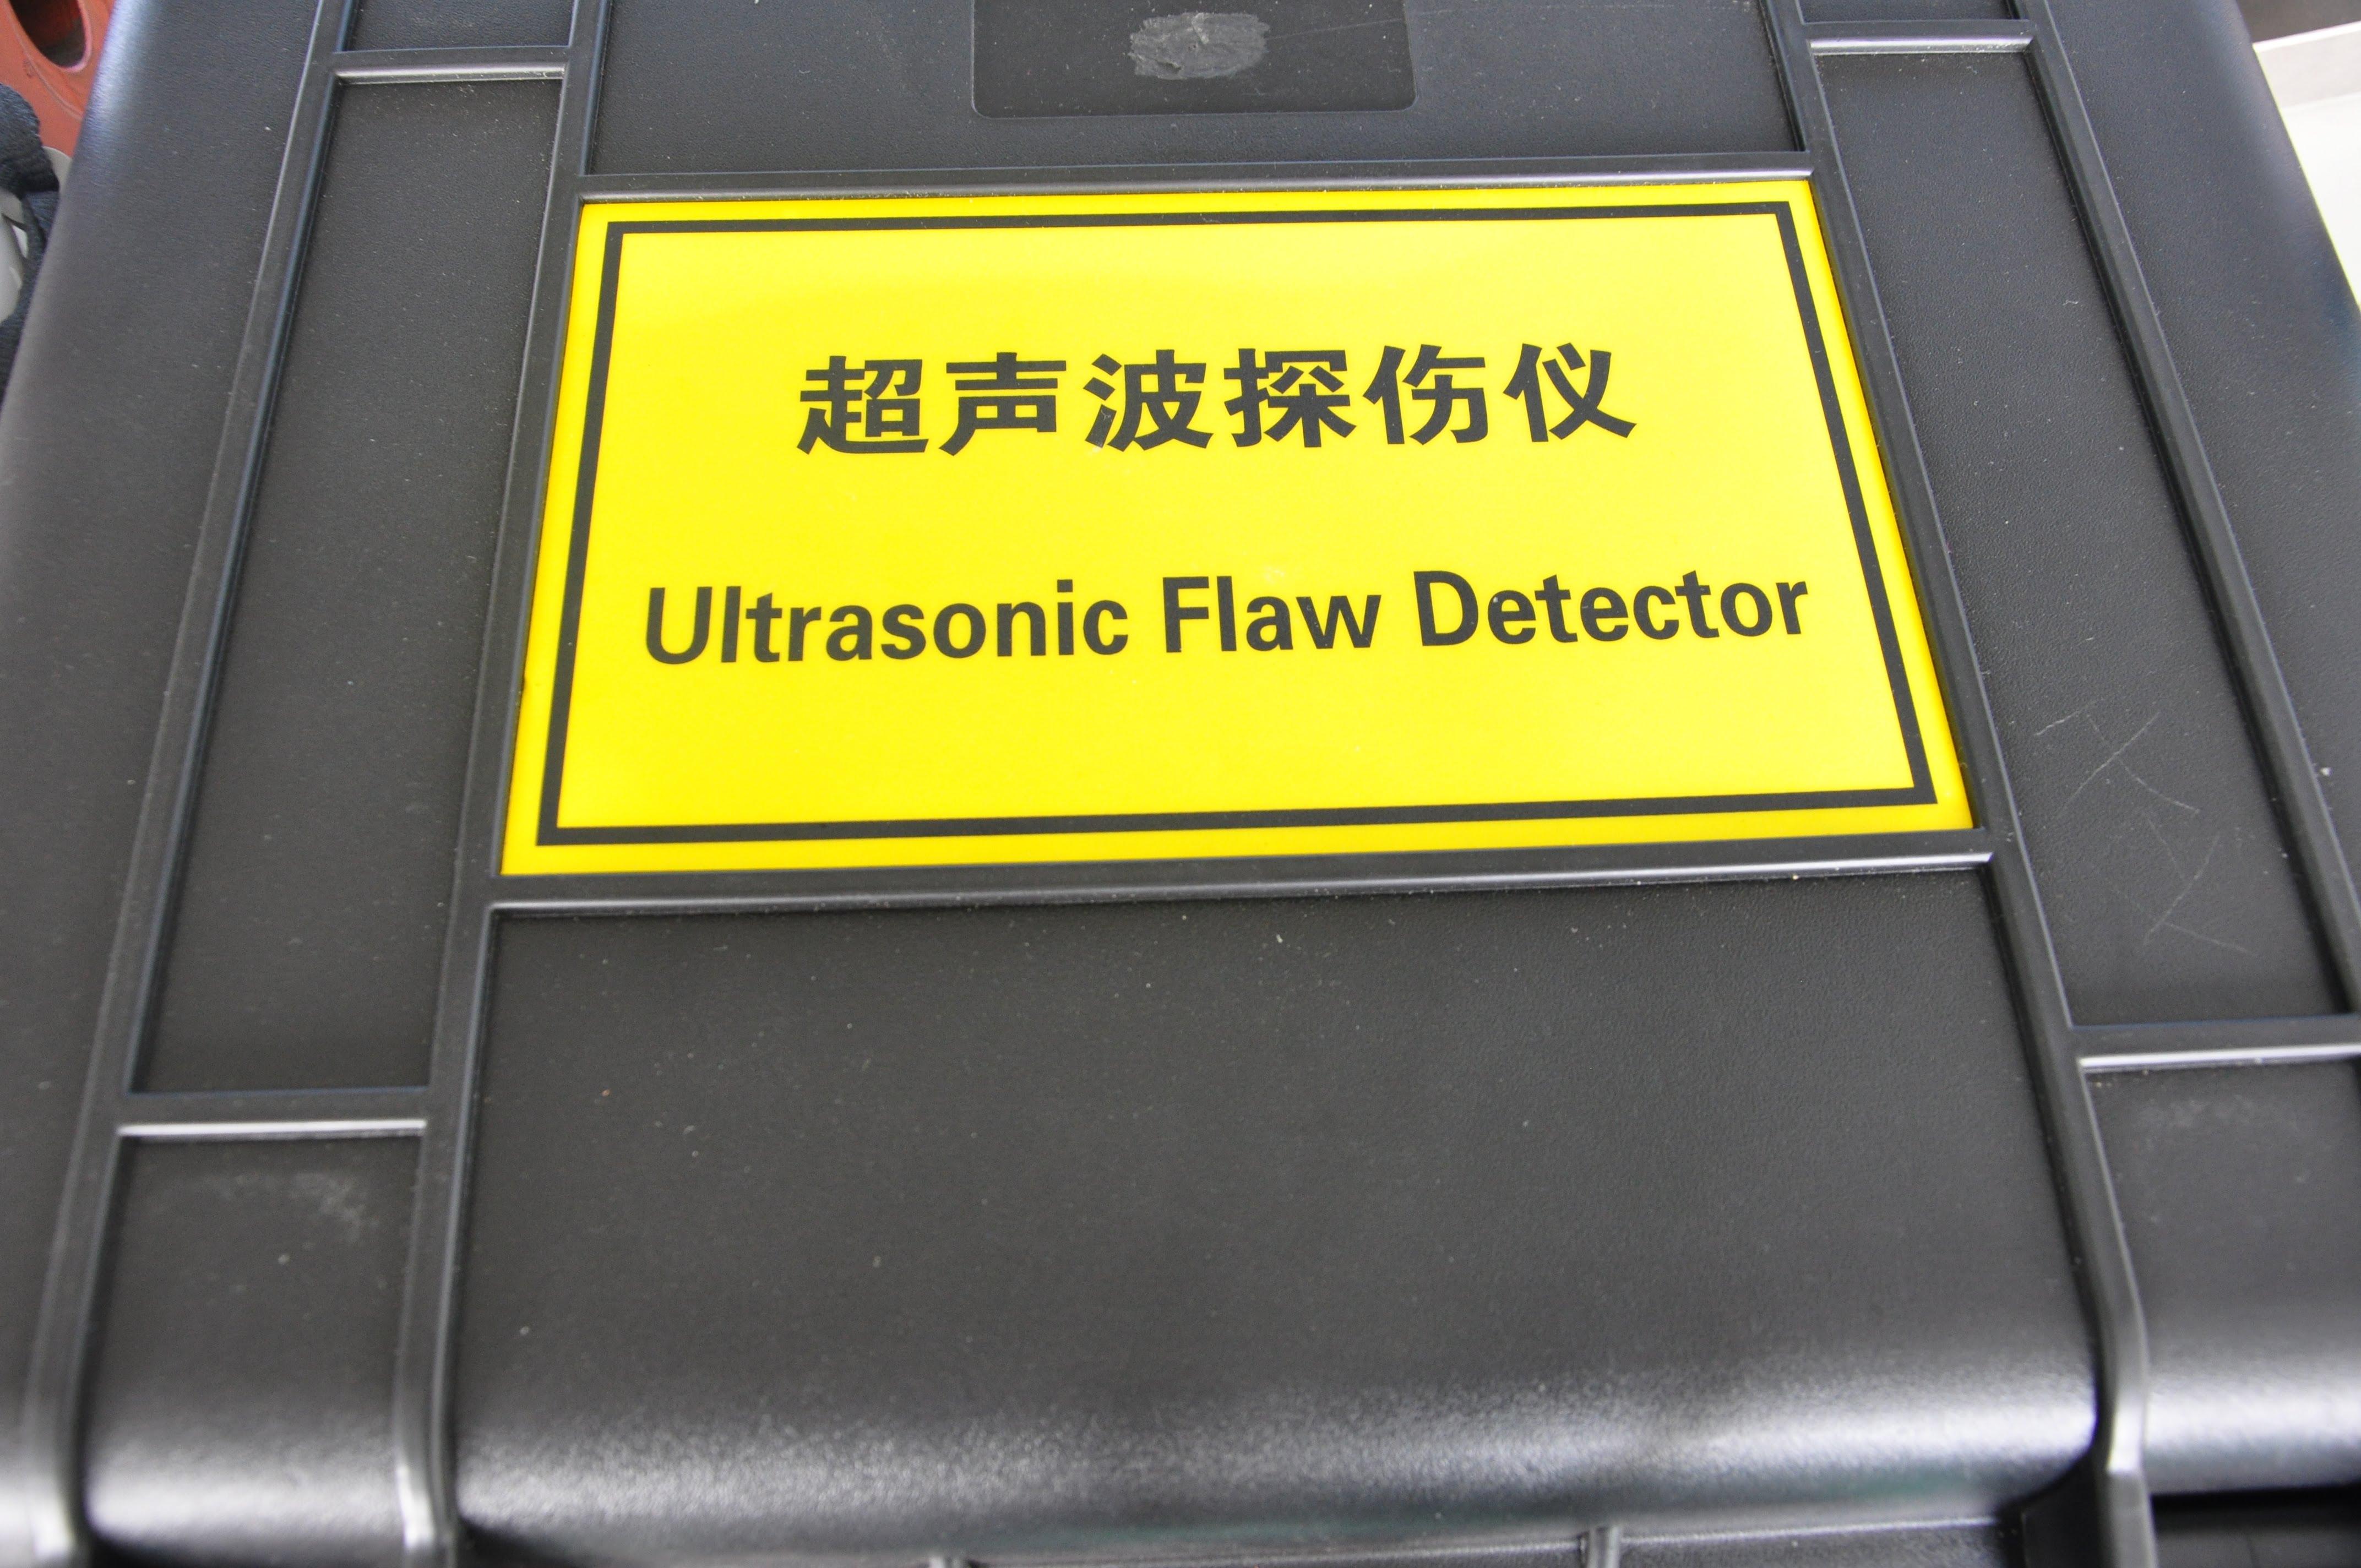 Ultrasonic Flaw Detactor